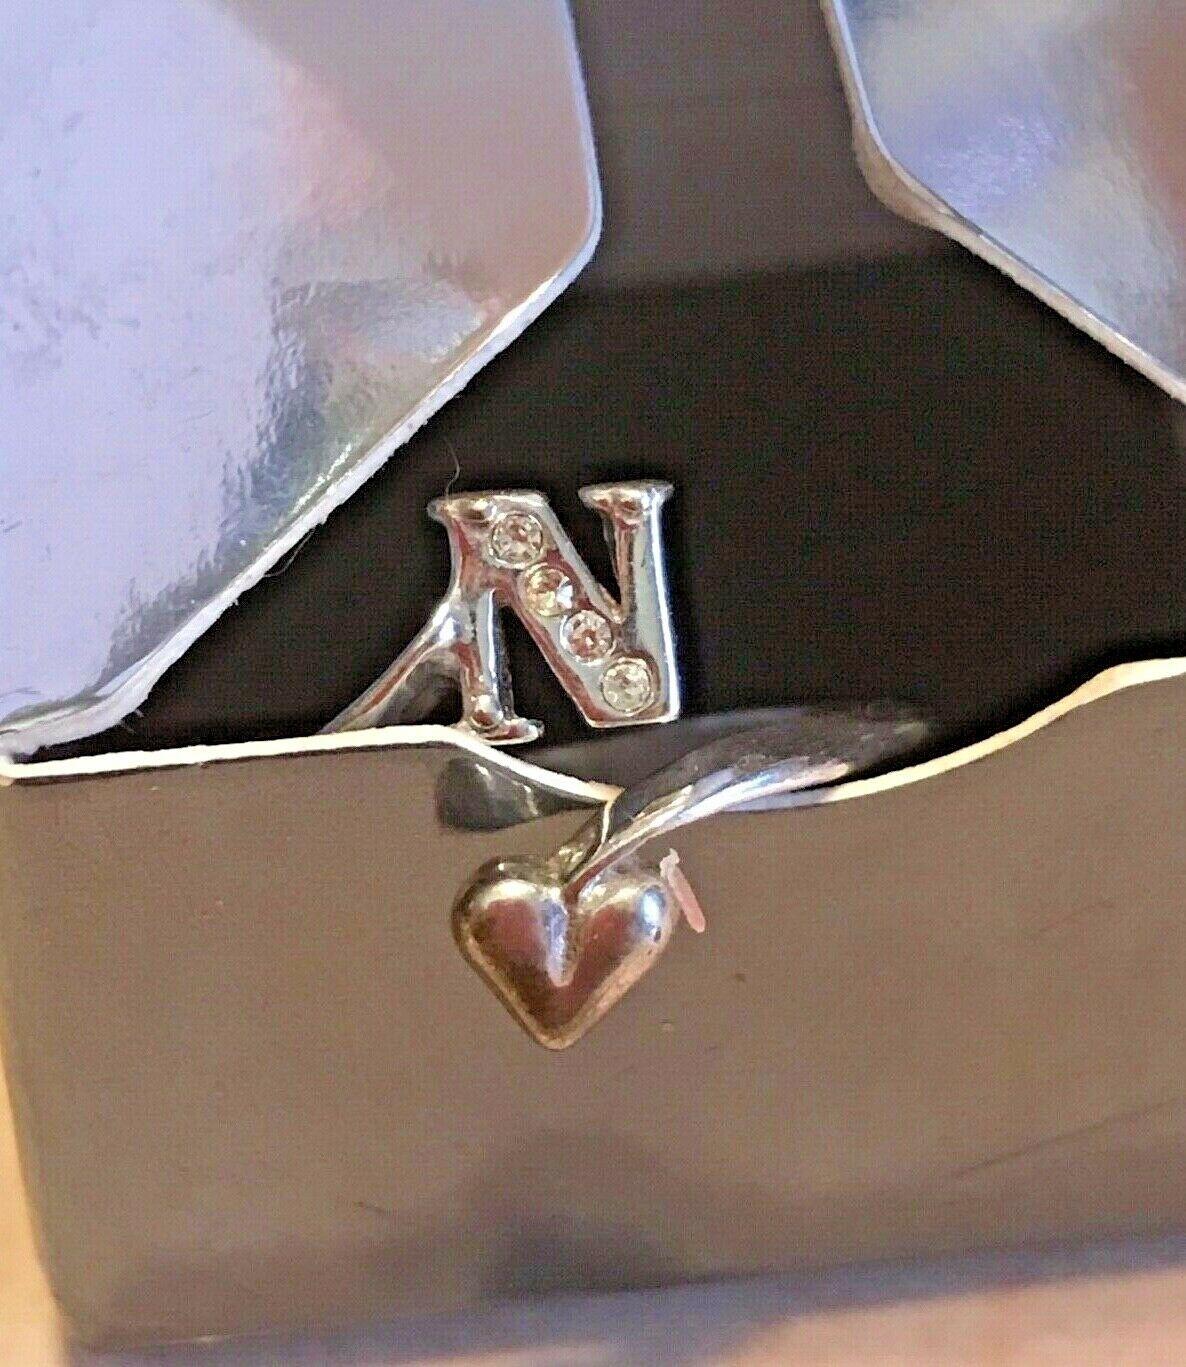 """Vintage Avon Initial """"N"""" 925 Sterling Silver Ring w Gemstones Adjustable image 7"""